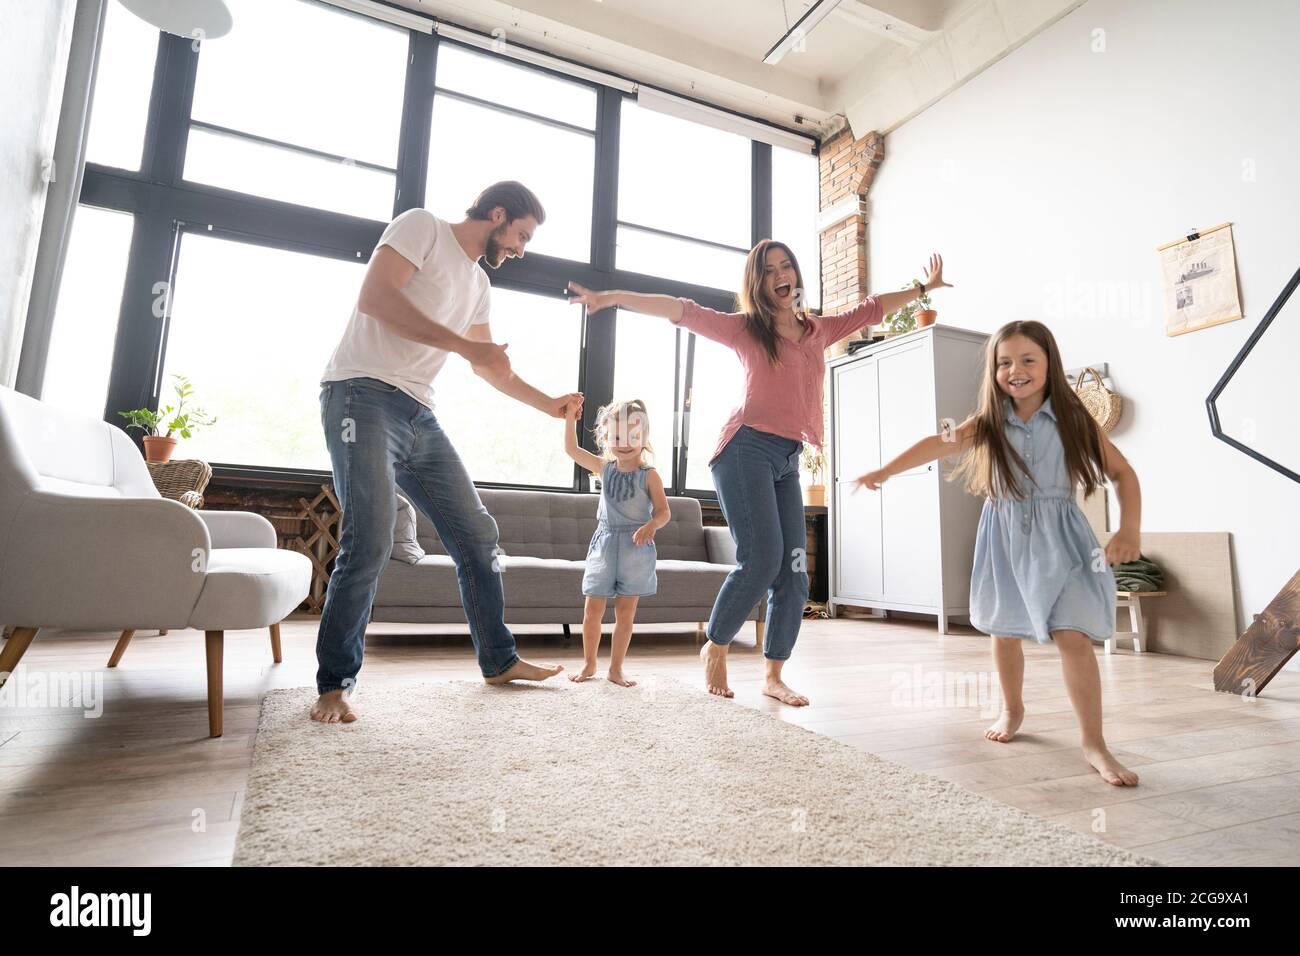 bonne famille mère père et enfant fille dansant à la maison. Banque D'Images